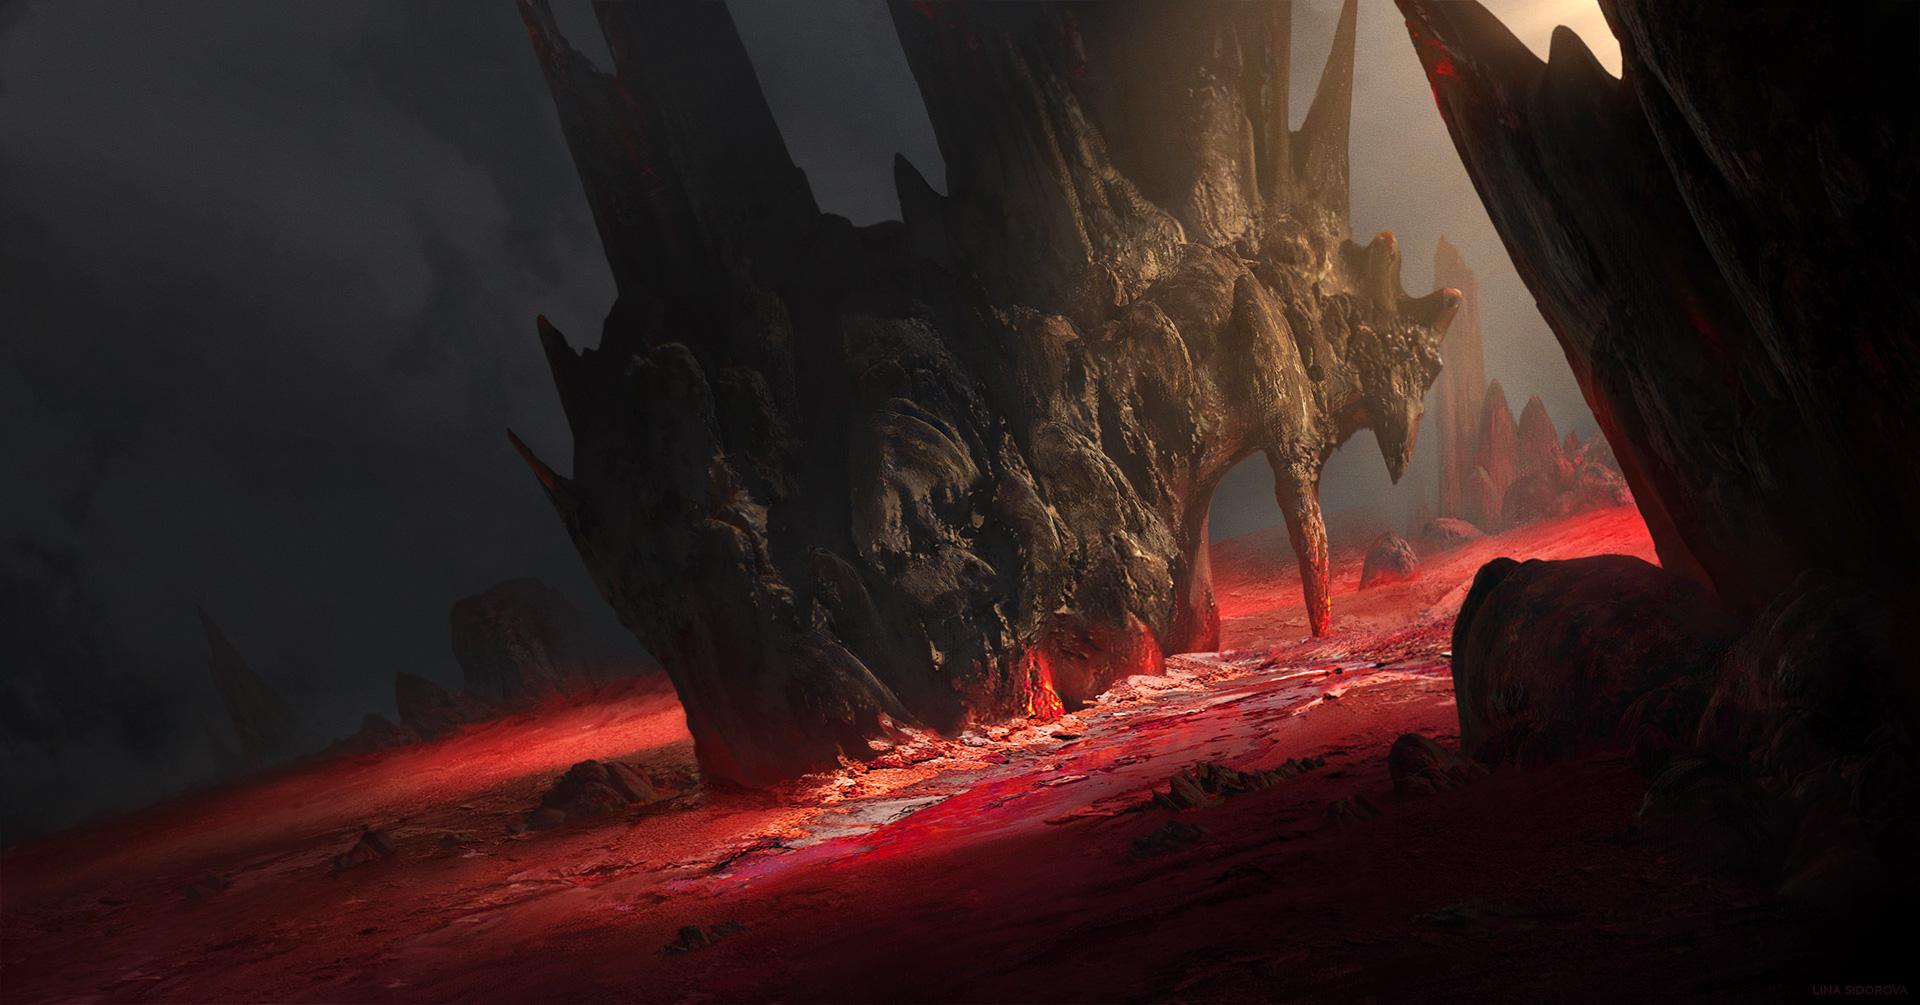 Red by Schur